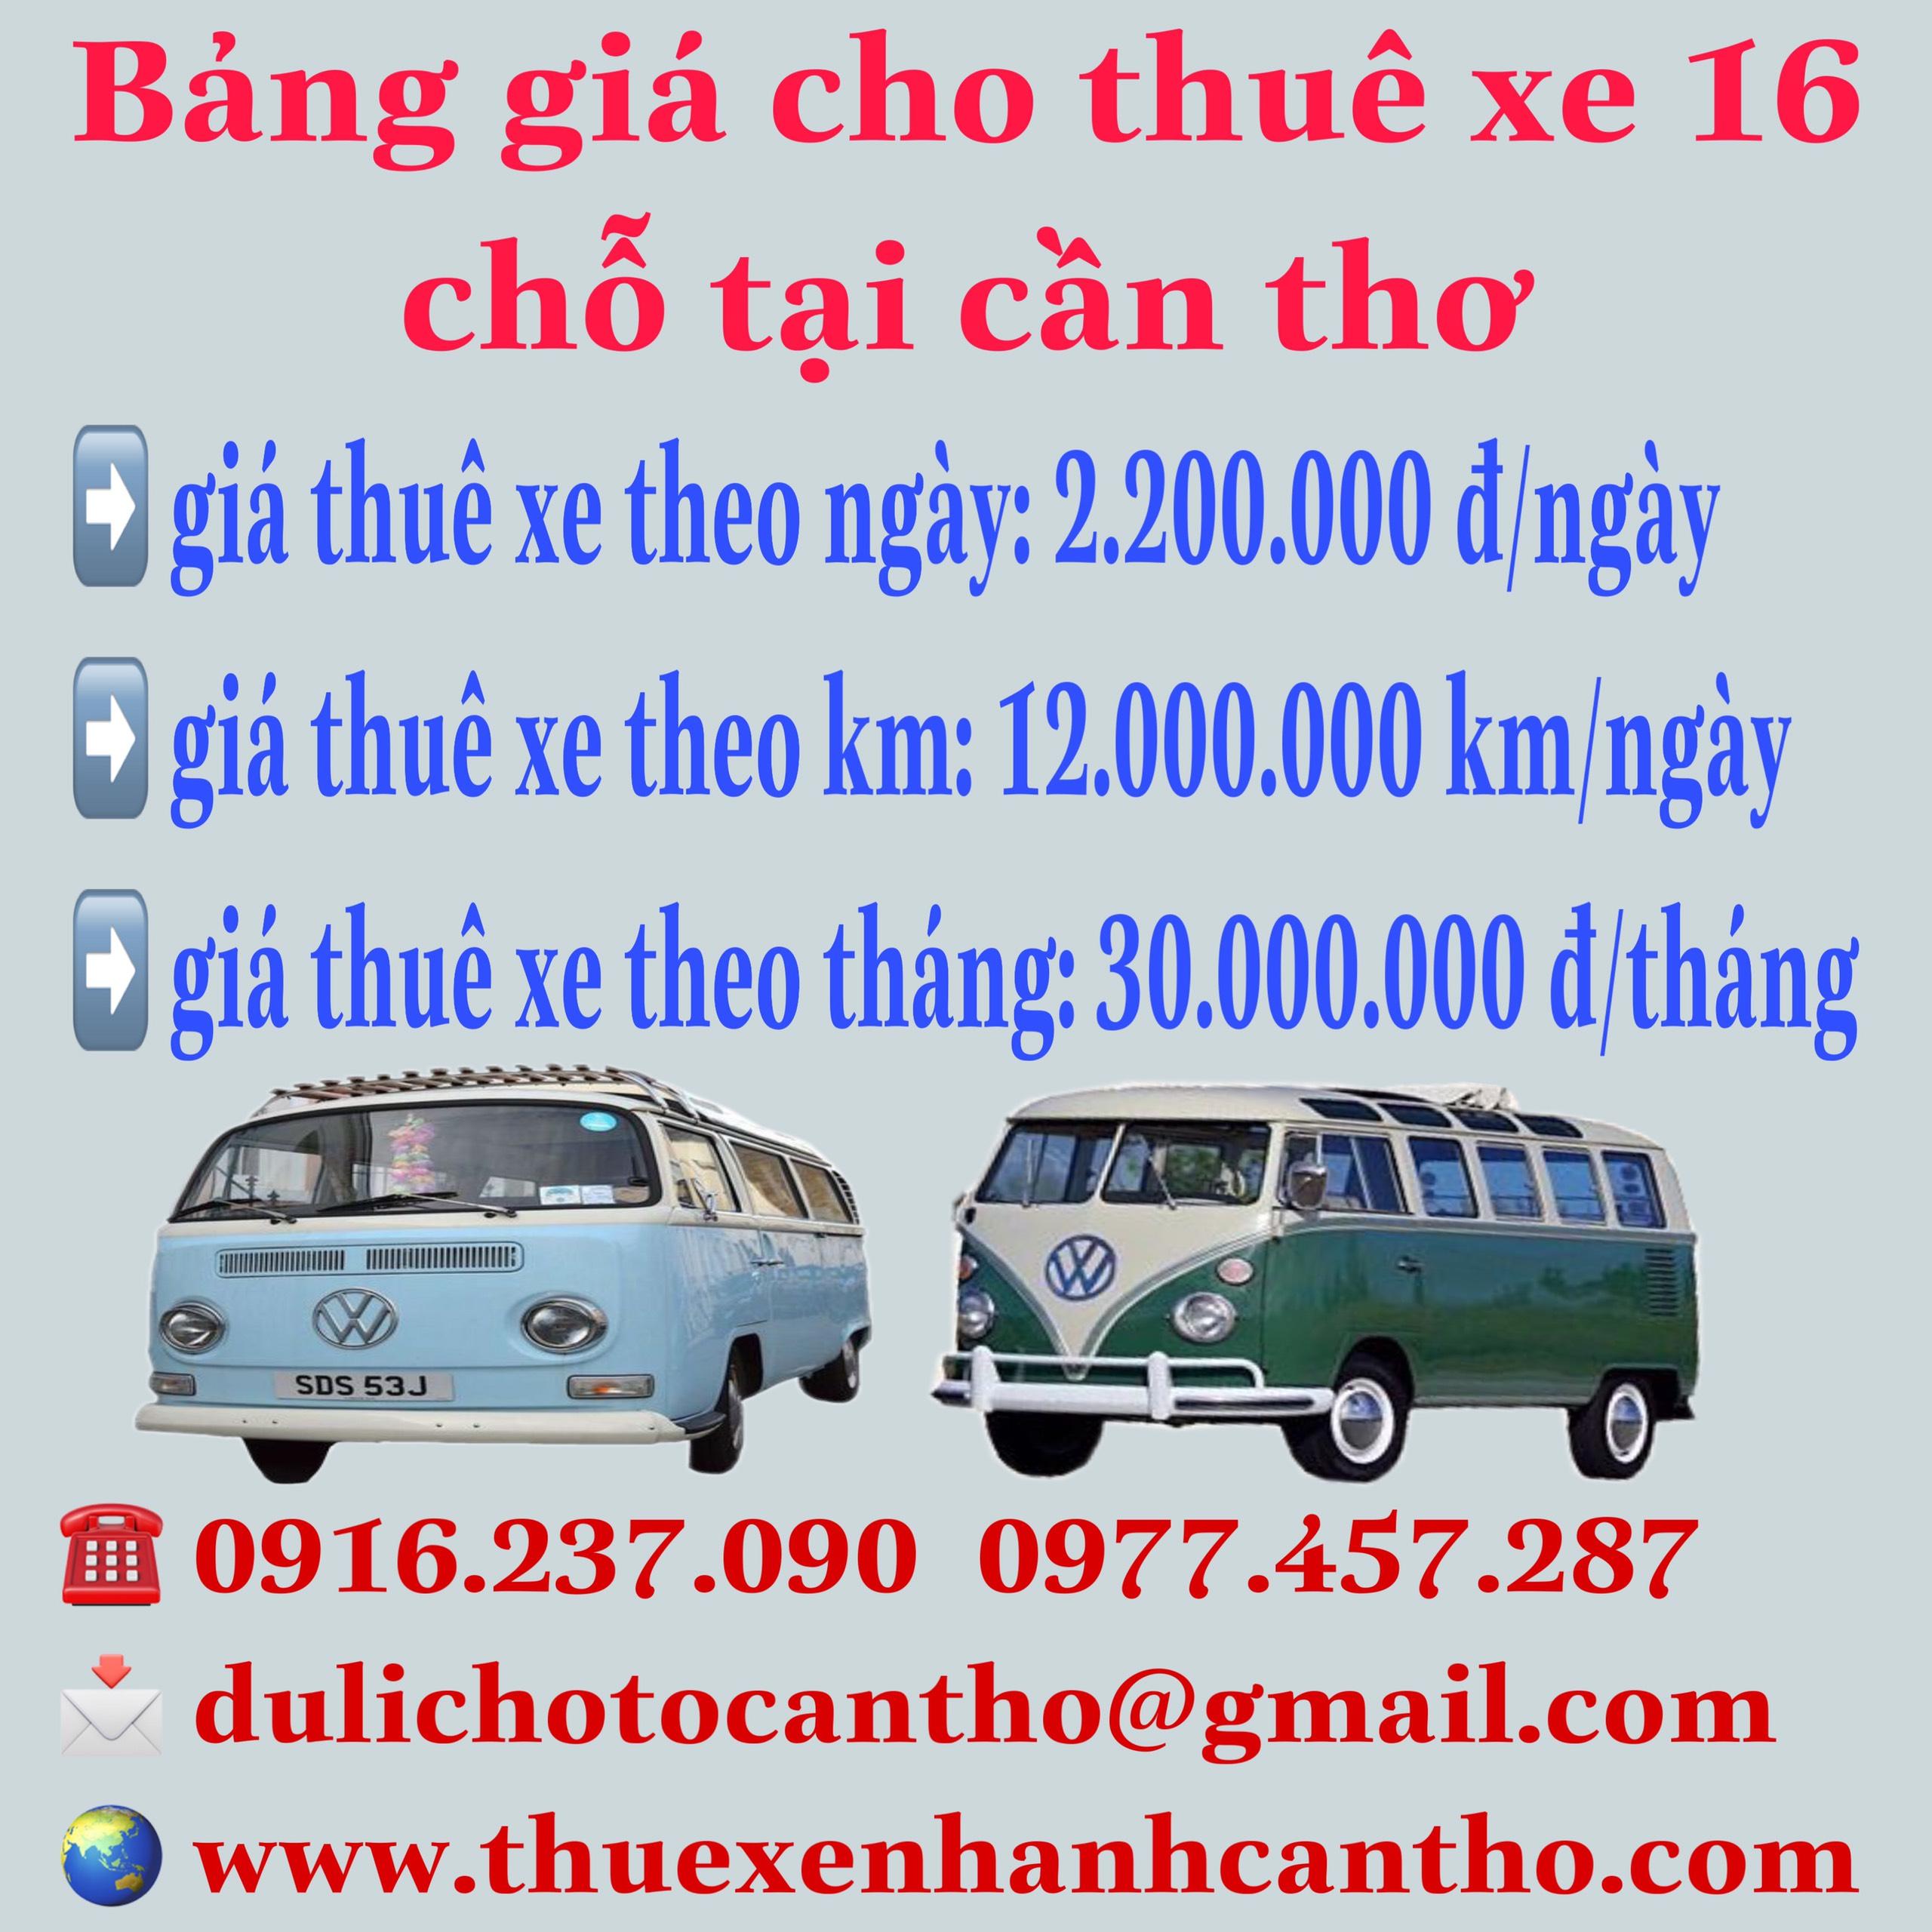 Bảng giá thuê xe 16 chỗ tại Cần Thơ